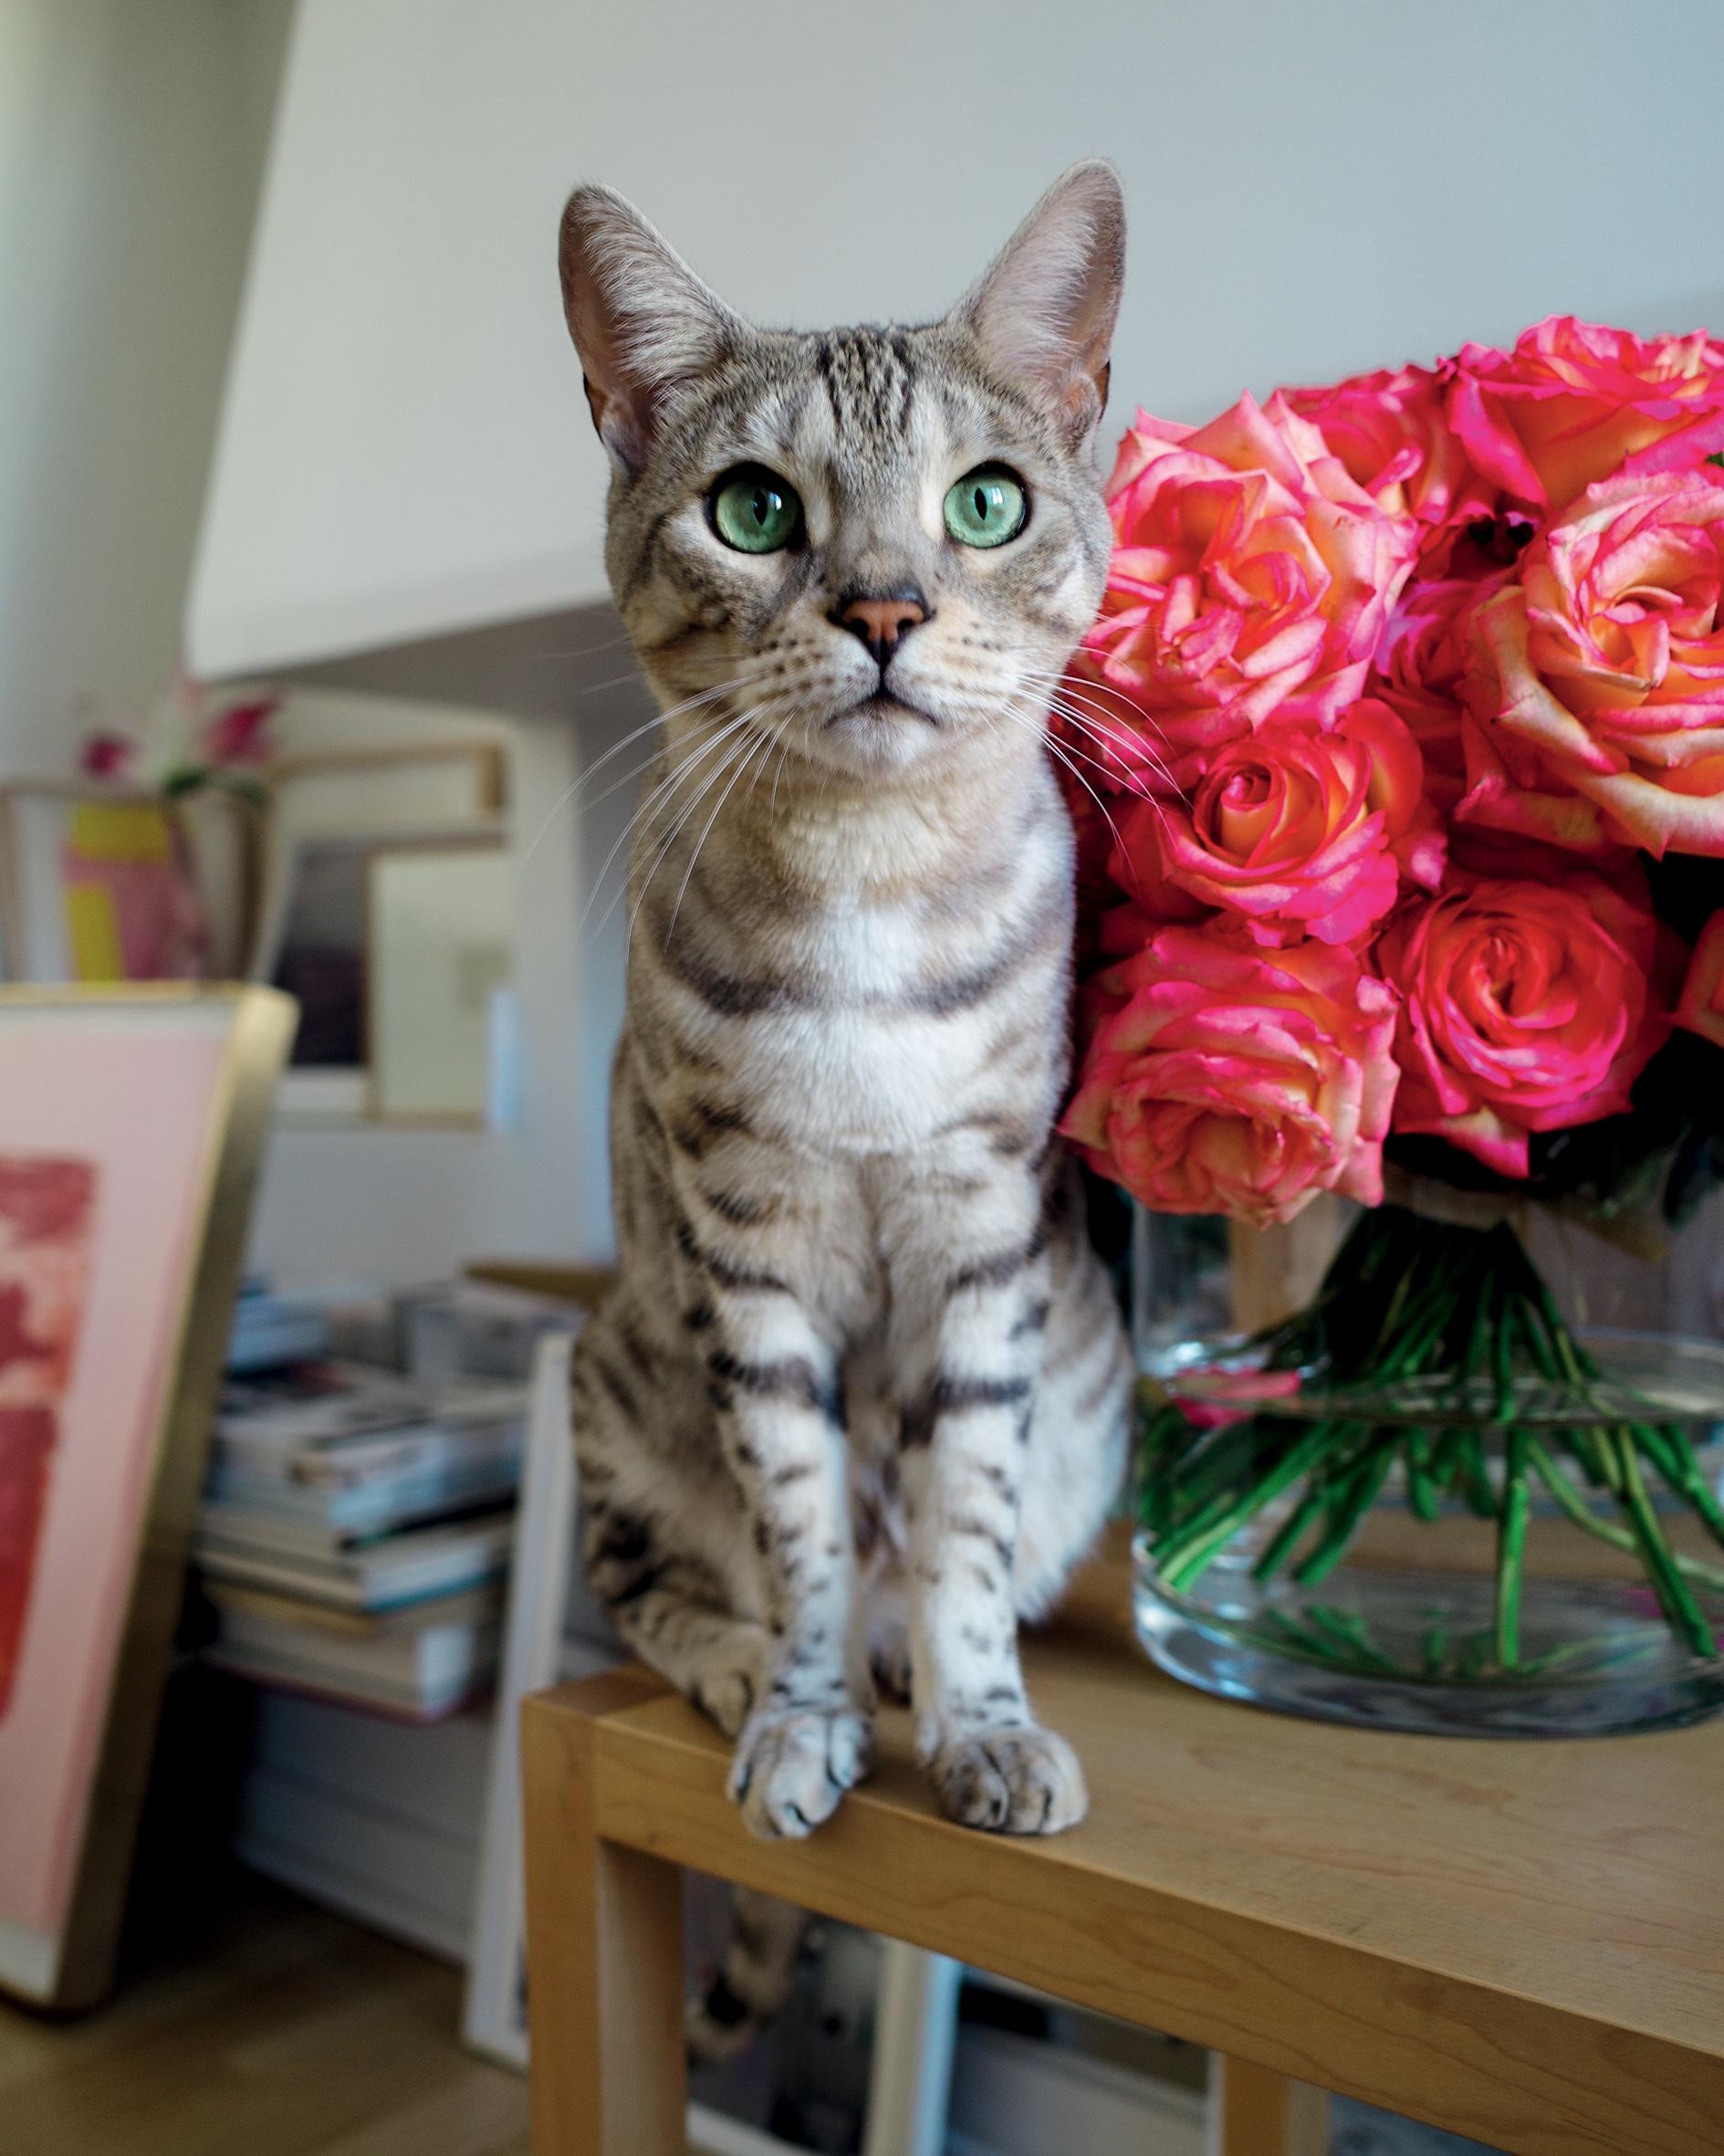 La designer di gioielli e imprenditrice Gaia Repossi, descrive i suoi gatti Bengala come i suoi migliori souvenir.  «Uno si chiama Prometheus – un nome un po' pomposo – e l'altro Matisse (nella foto)».